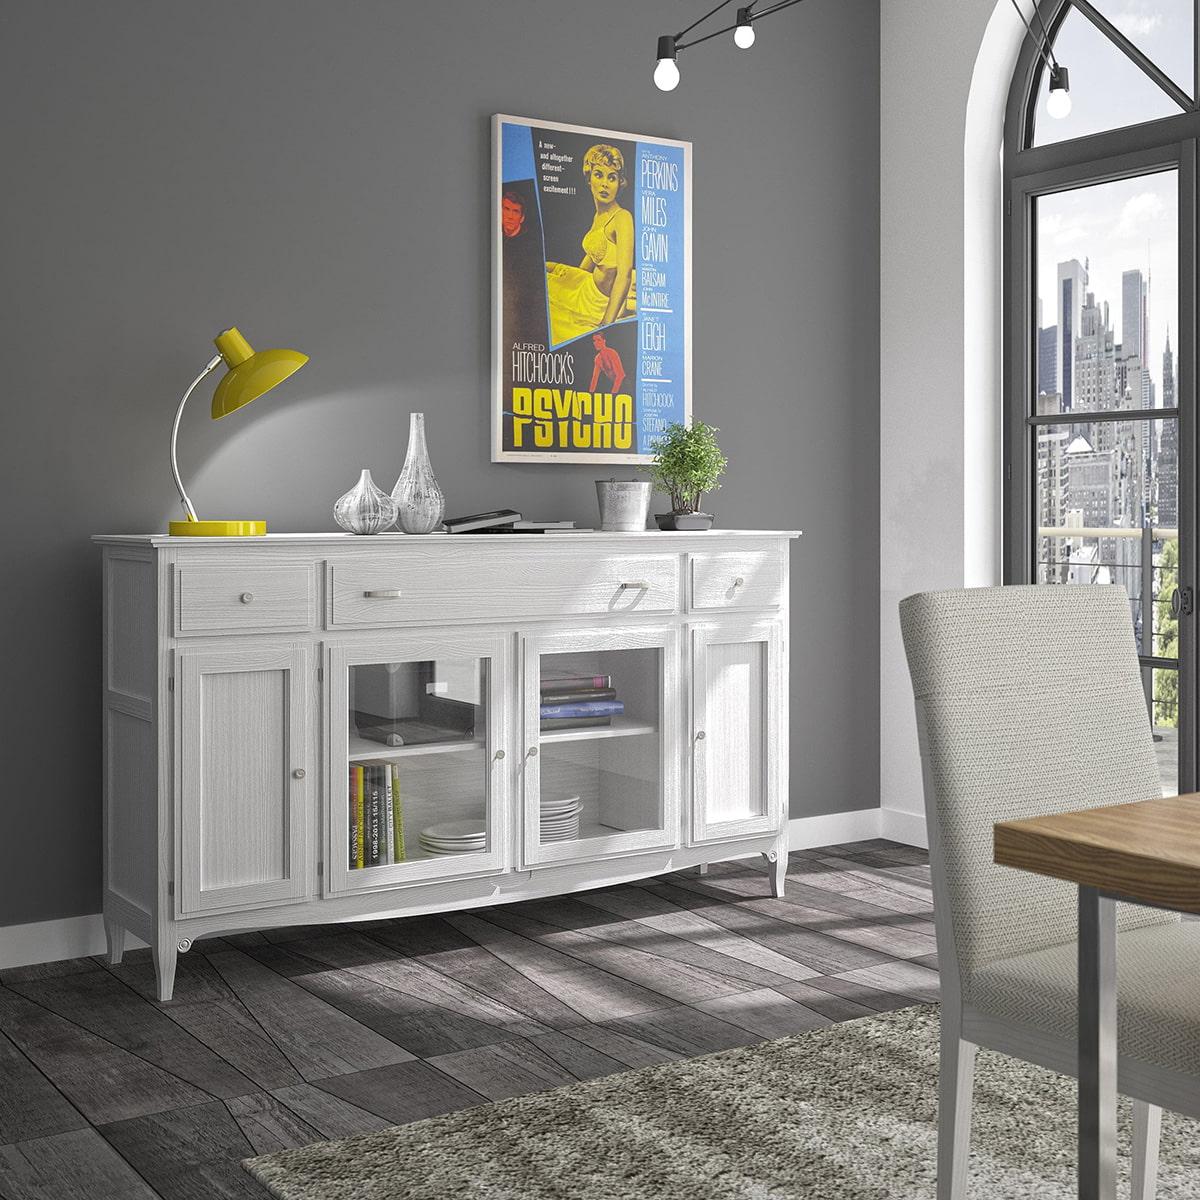 aparador-contemporaneo-muebles-paco-caballero-1337-5c98af8c81aa2